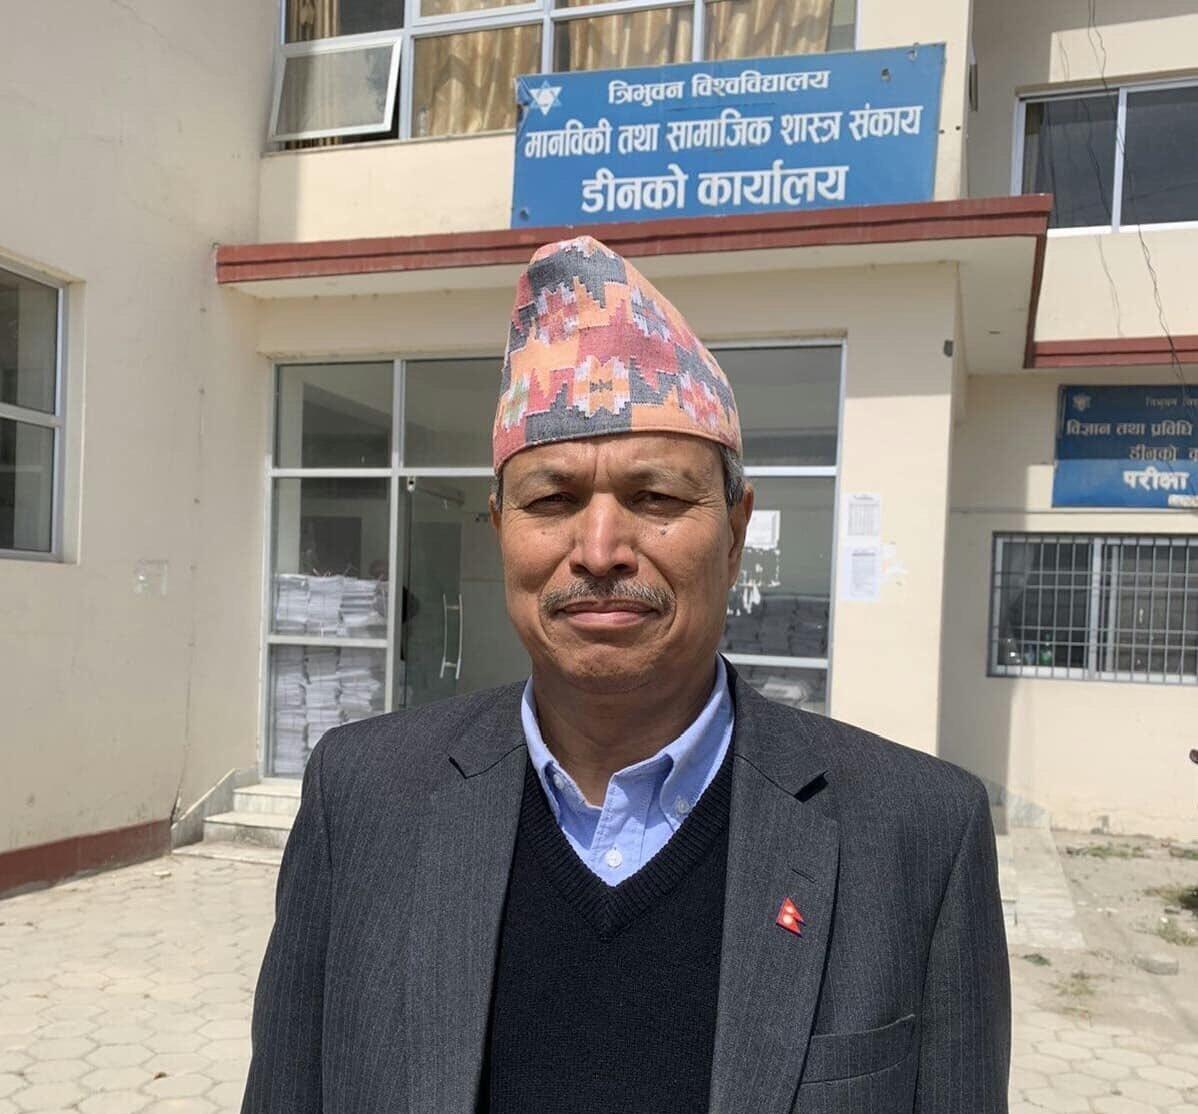 स्वास्थ्य निकाय र विज्ञको सल्लाह मानौं, कोरोना संक्रमणबाट बचौंः नेता रावल